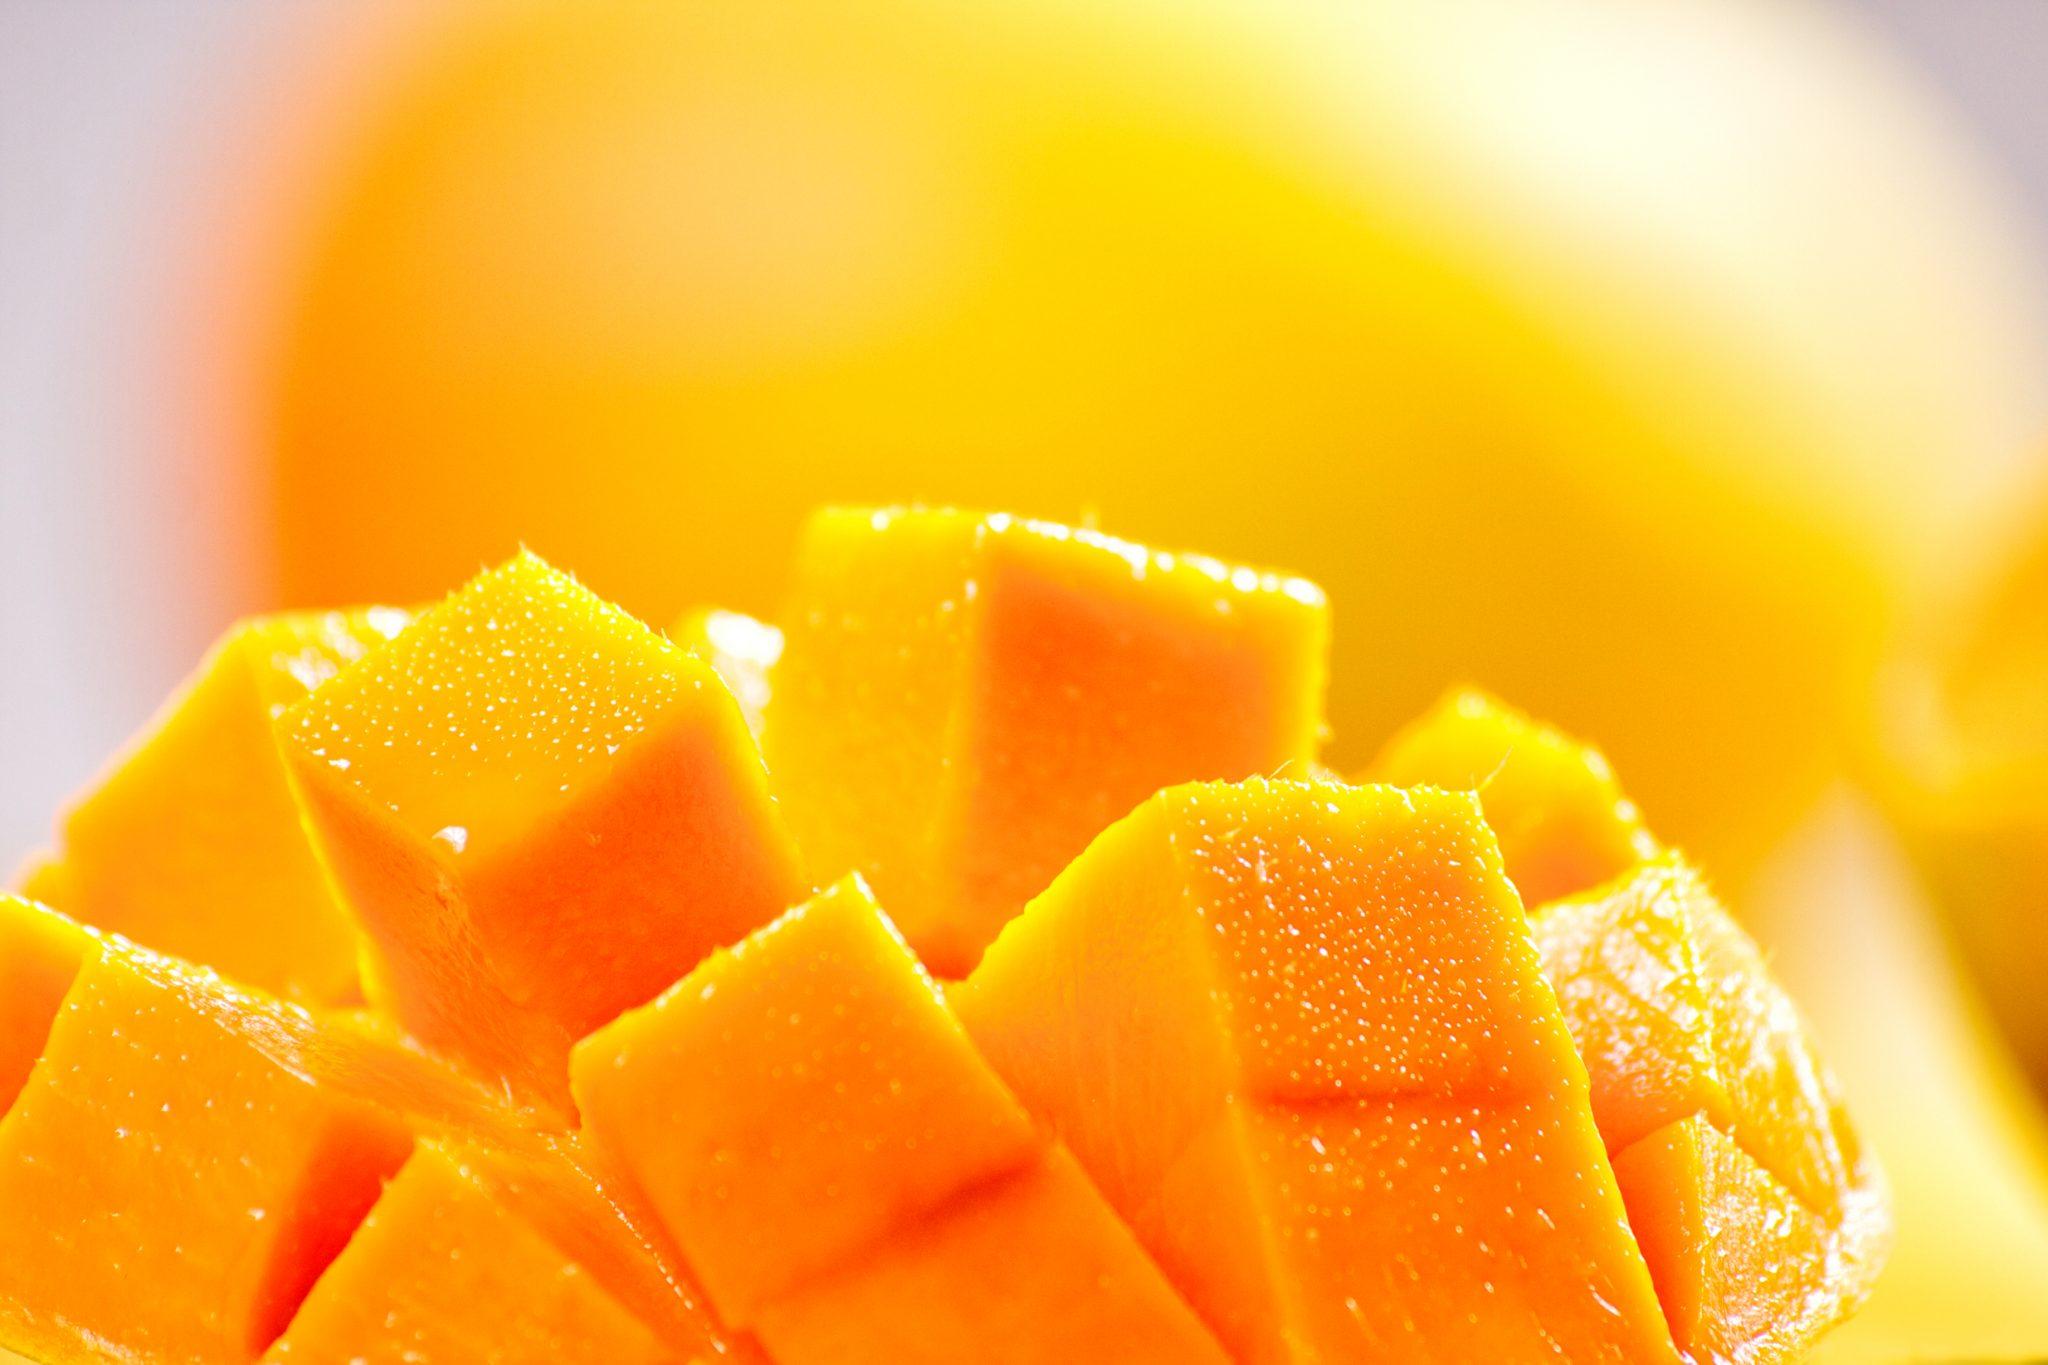 カットしたばかりの新鮮なマンゴー